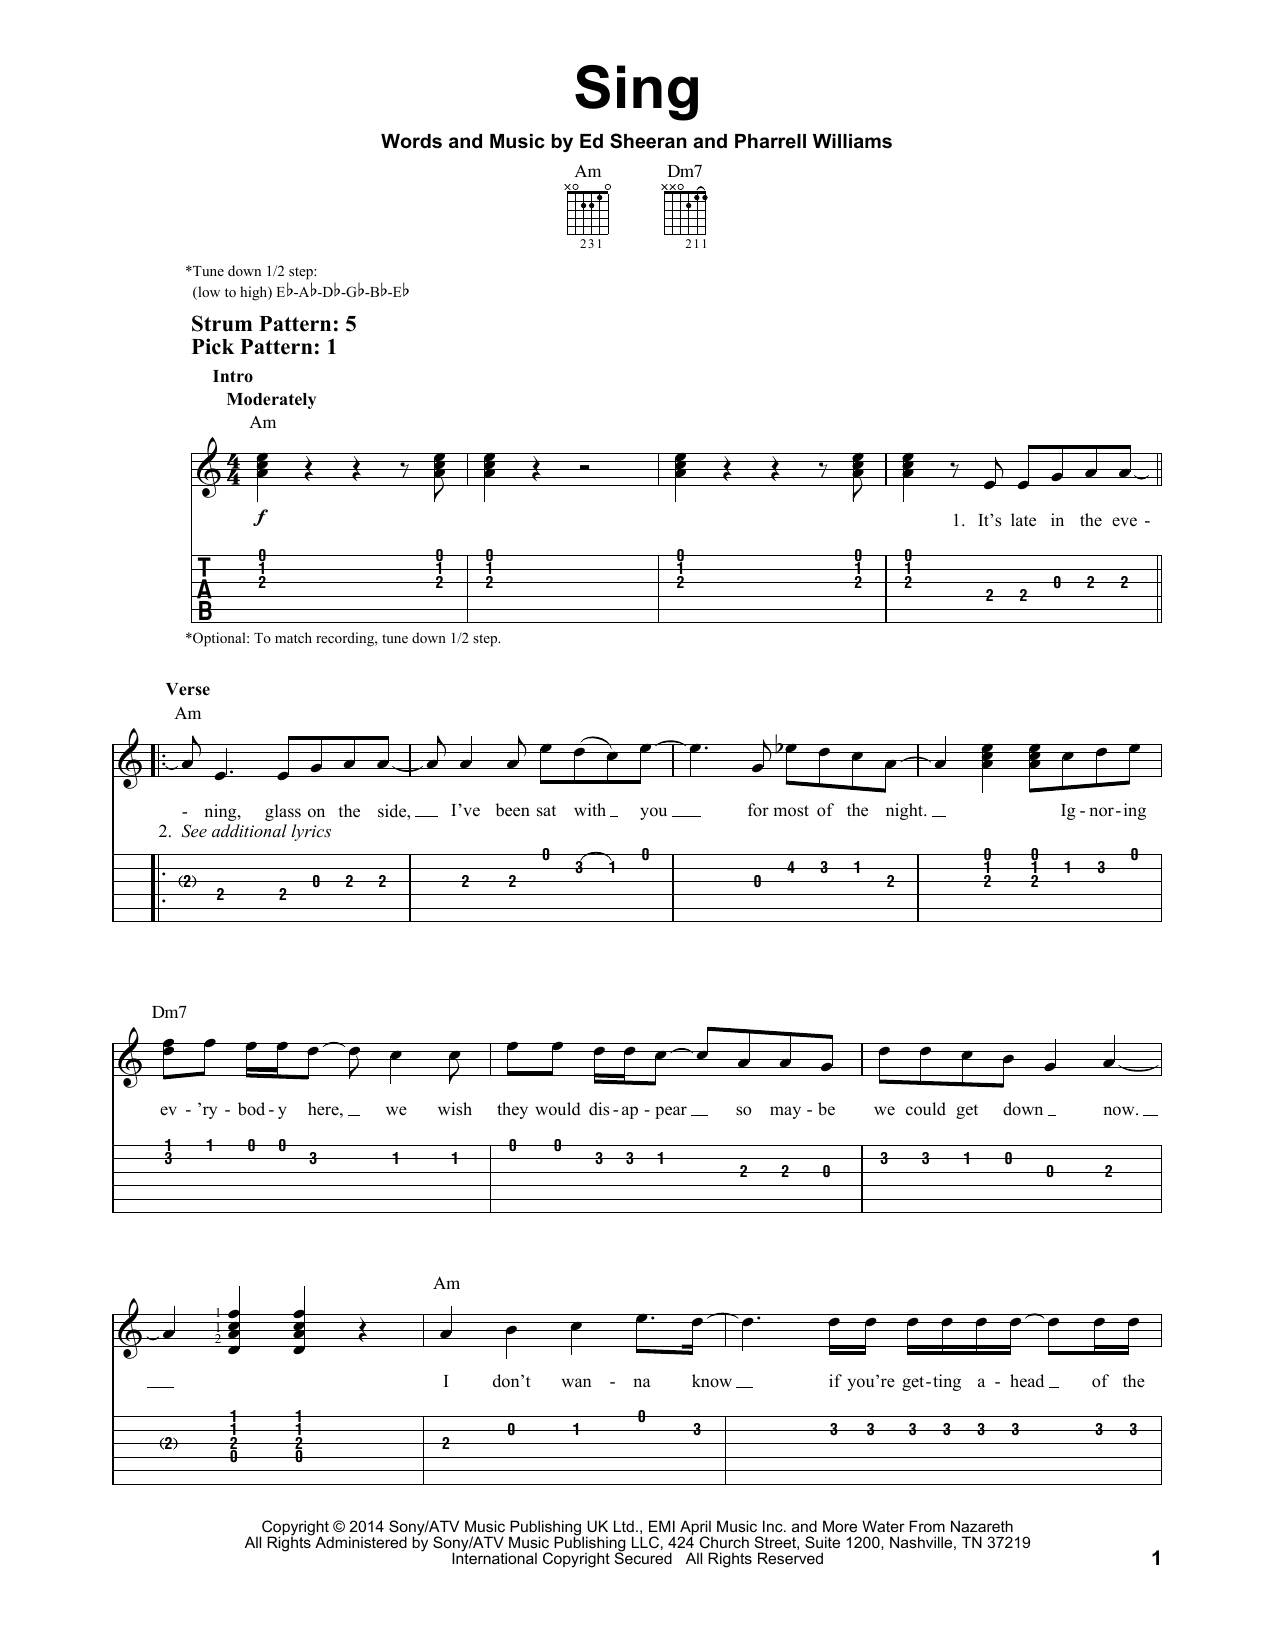 Sheet Music Digital Files To Print Licensed Ed Sheeran Digital